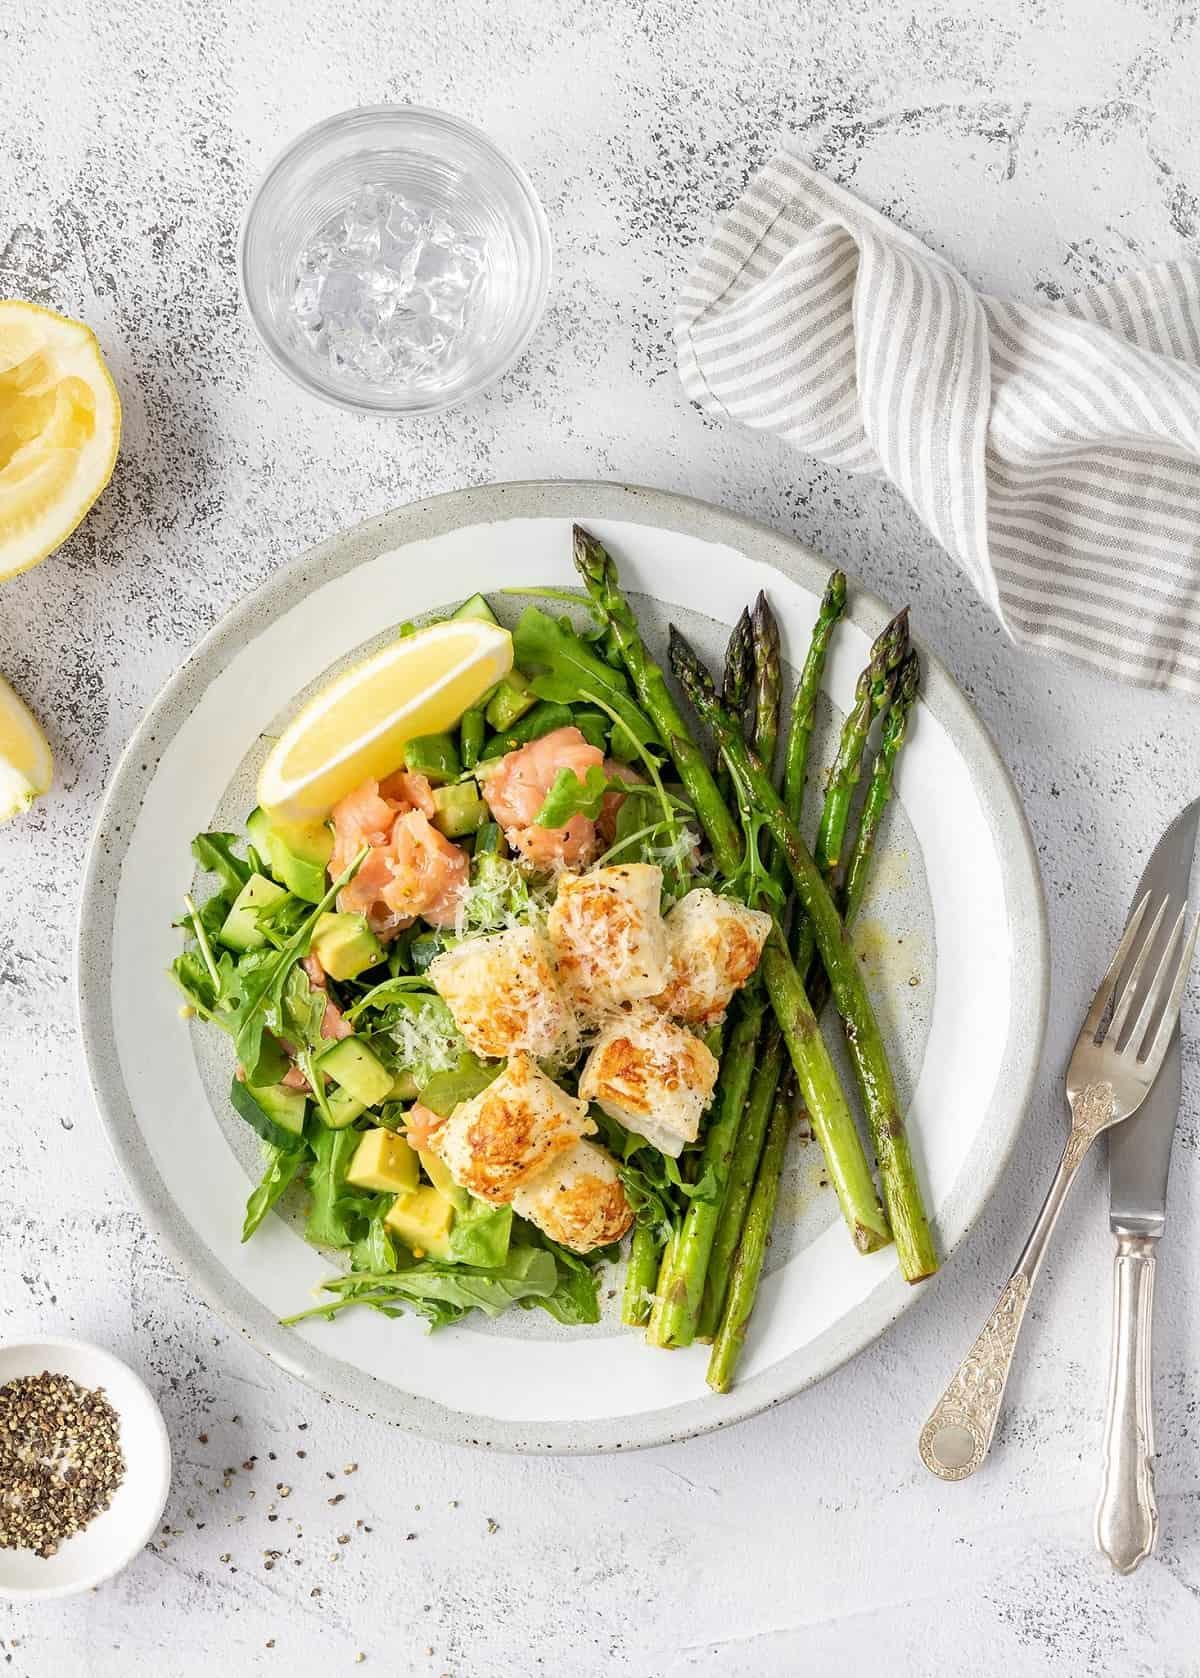 Recetas de ensaladas ligeras y saludables para Navidad 2